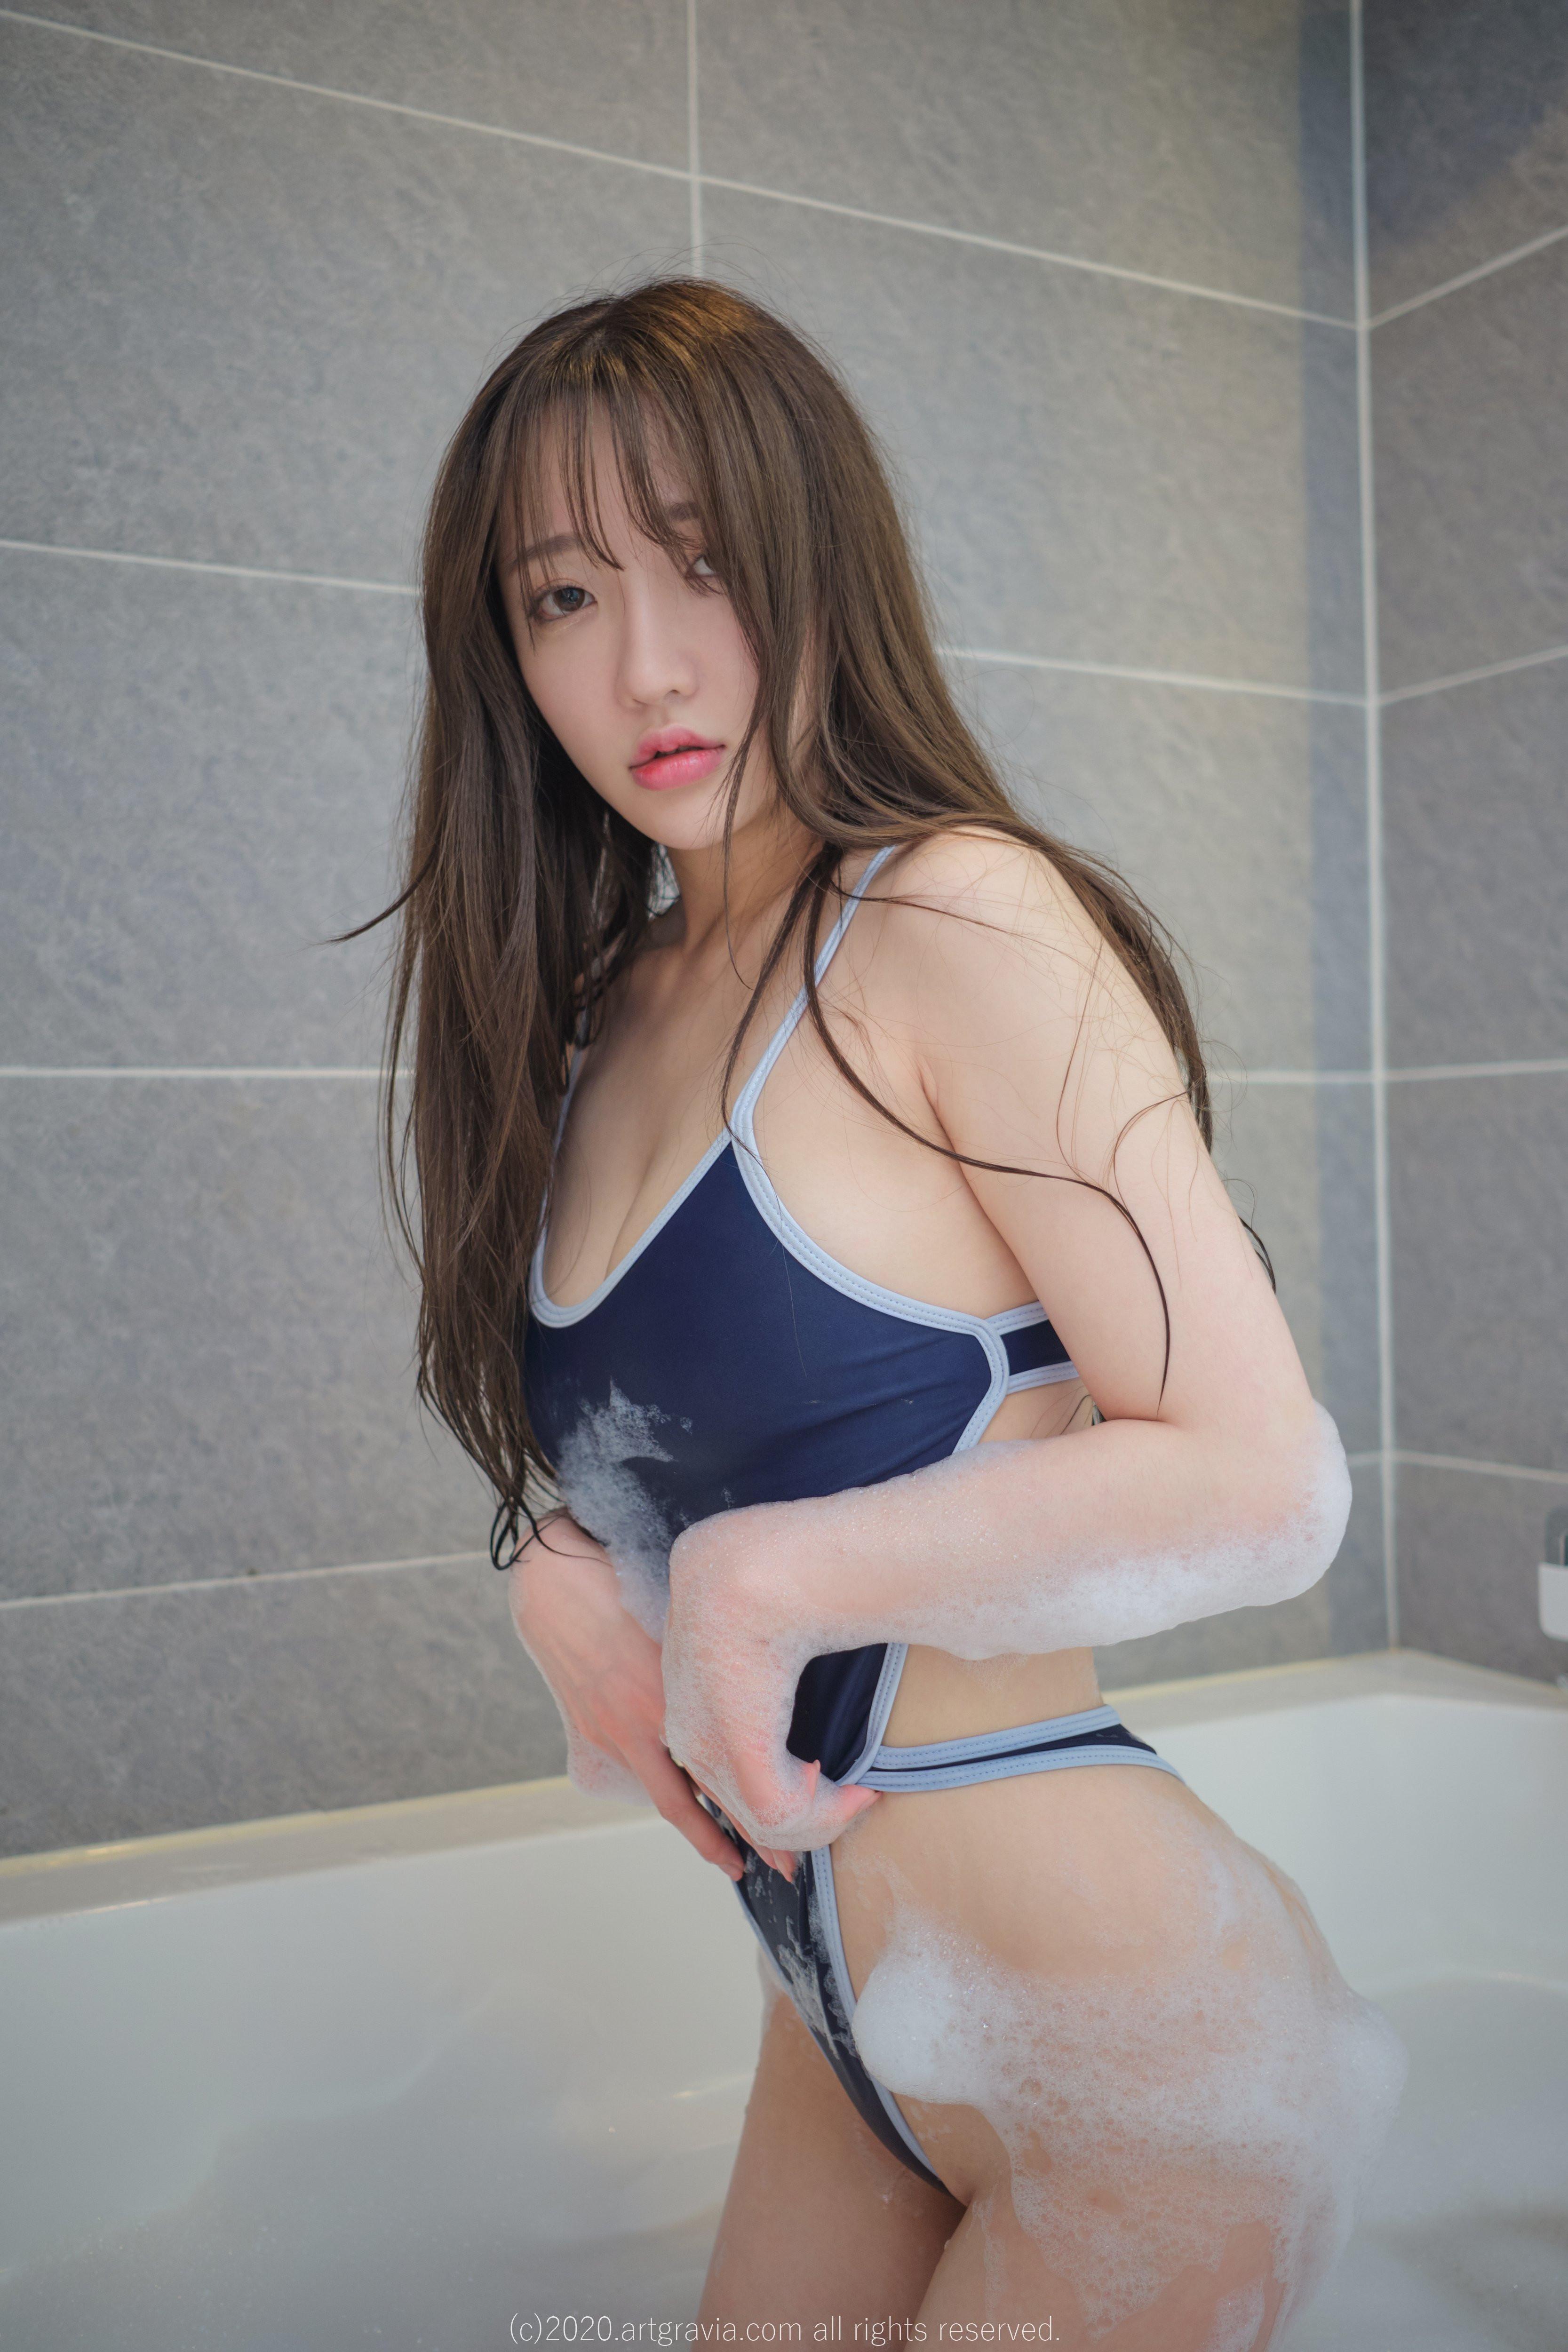 韩国美女손예은(孫樂樂)性感写真美图素材在线鉴赏-觅爱图